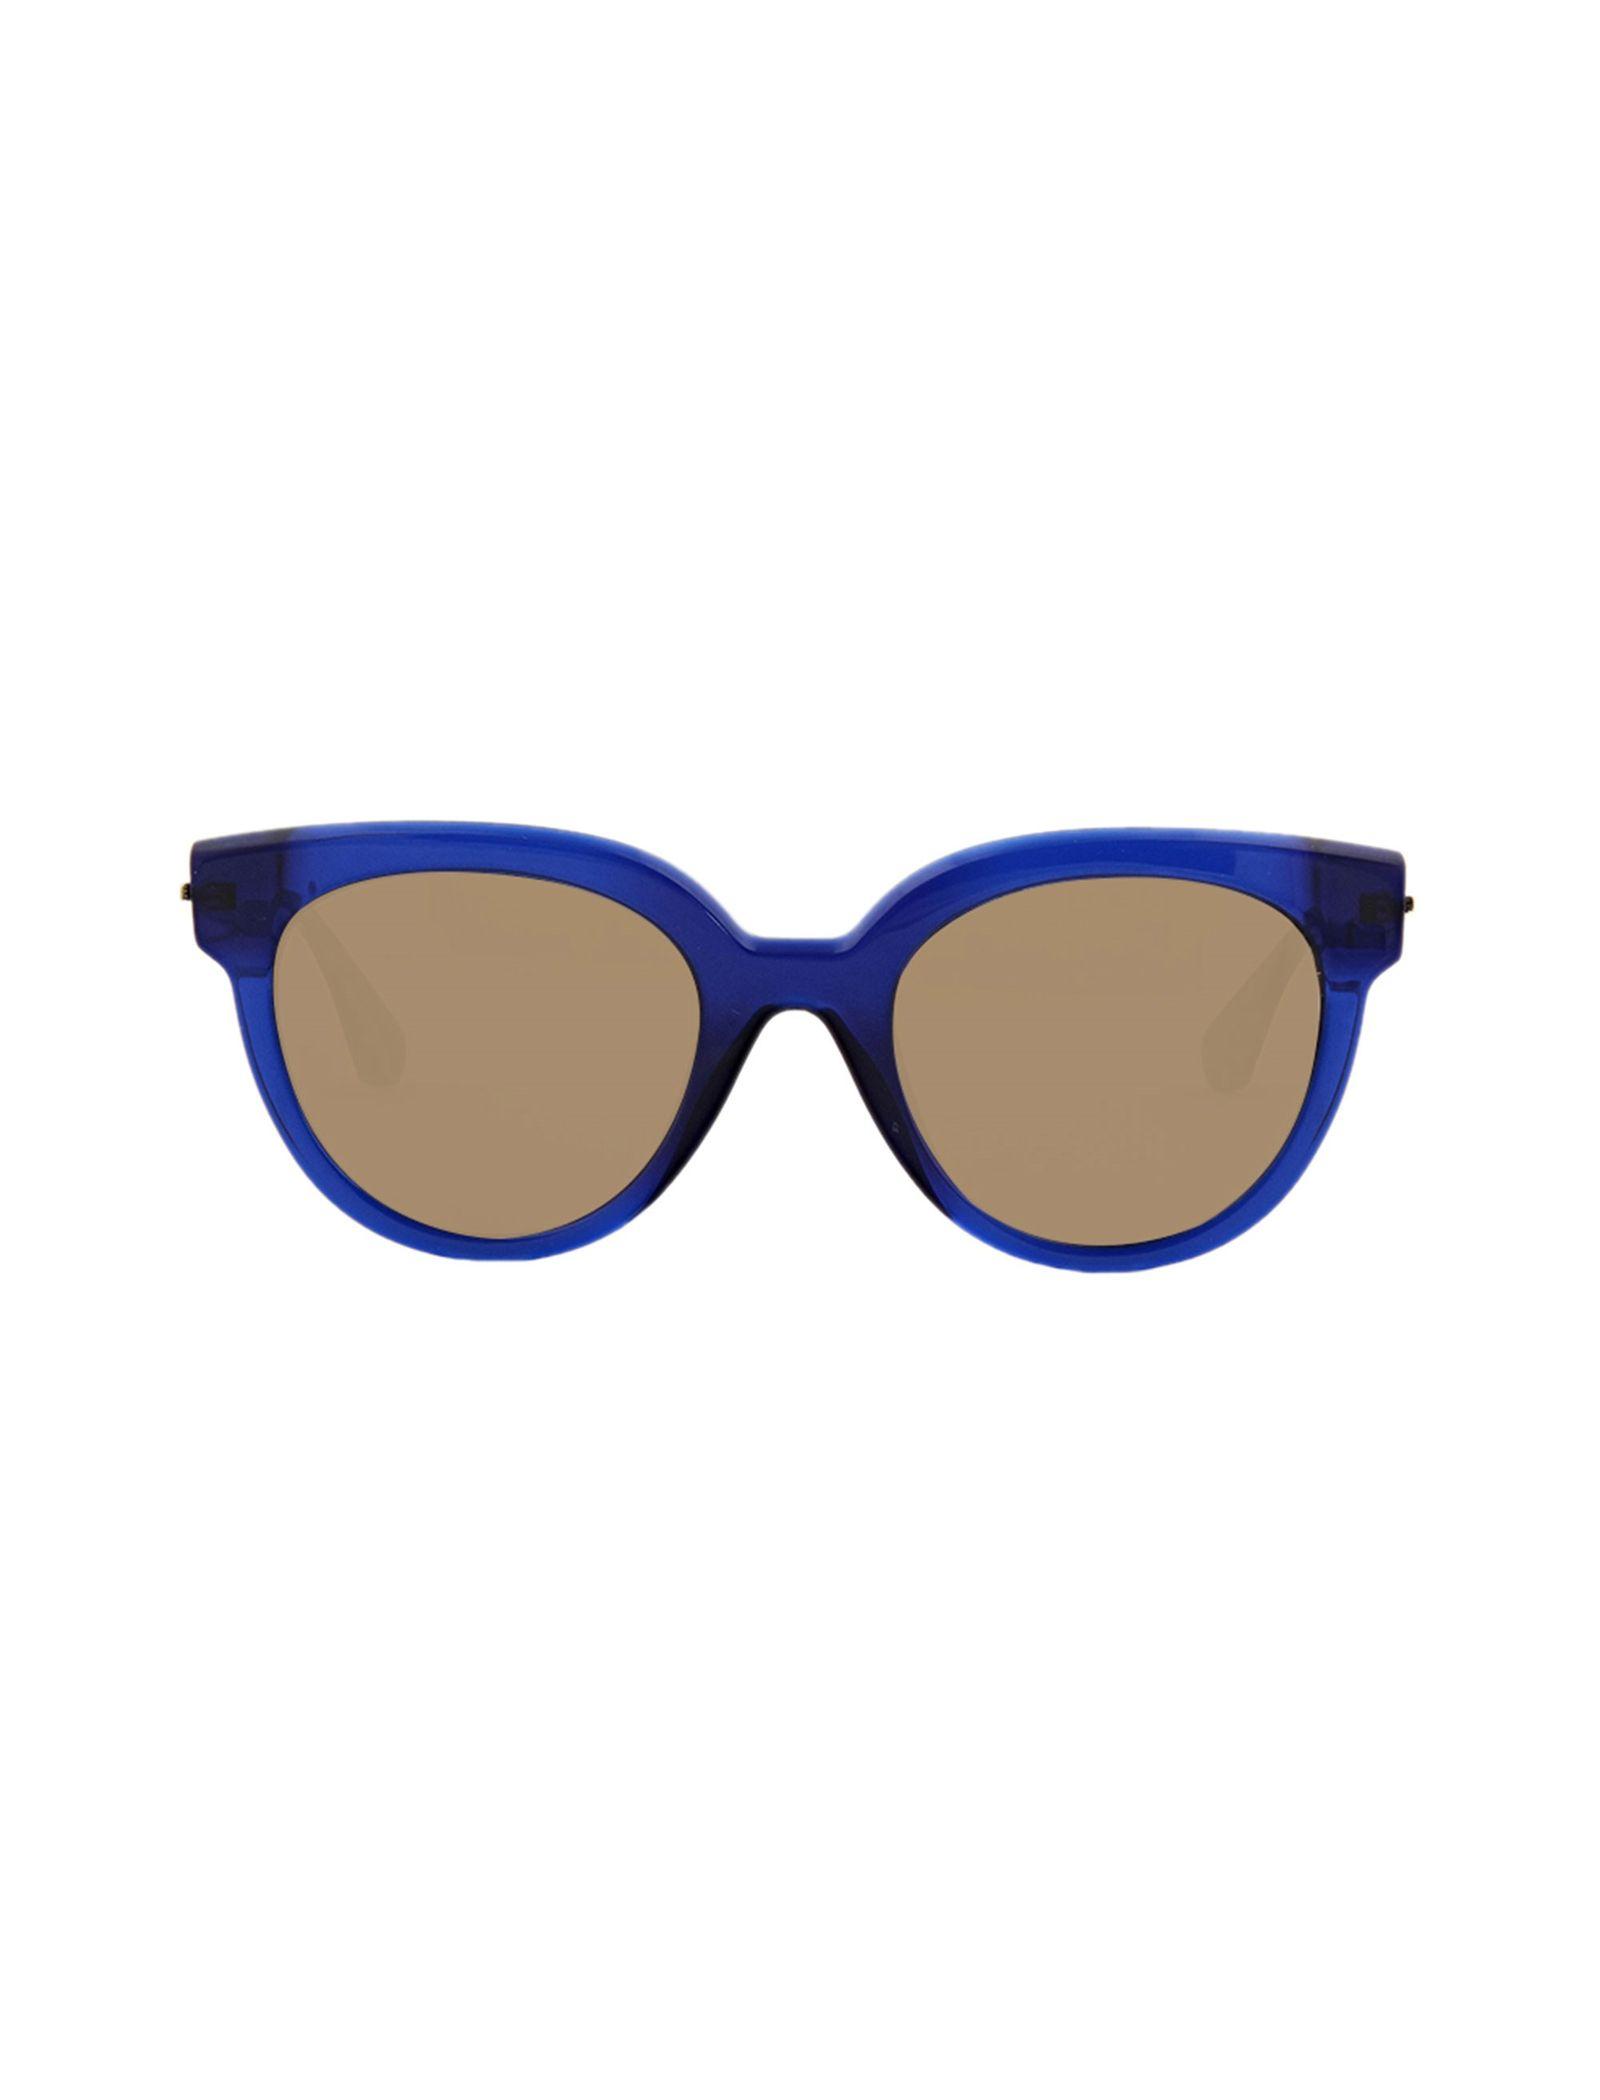 عینک آفتابی پنتوس زنانه - ساندرو - آبي     - 1